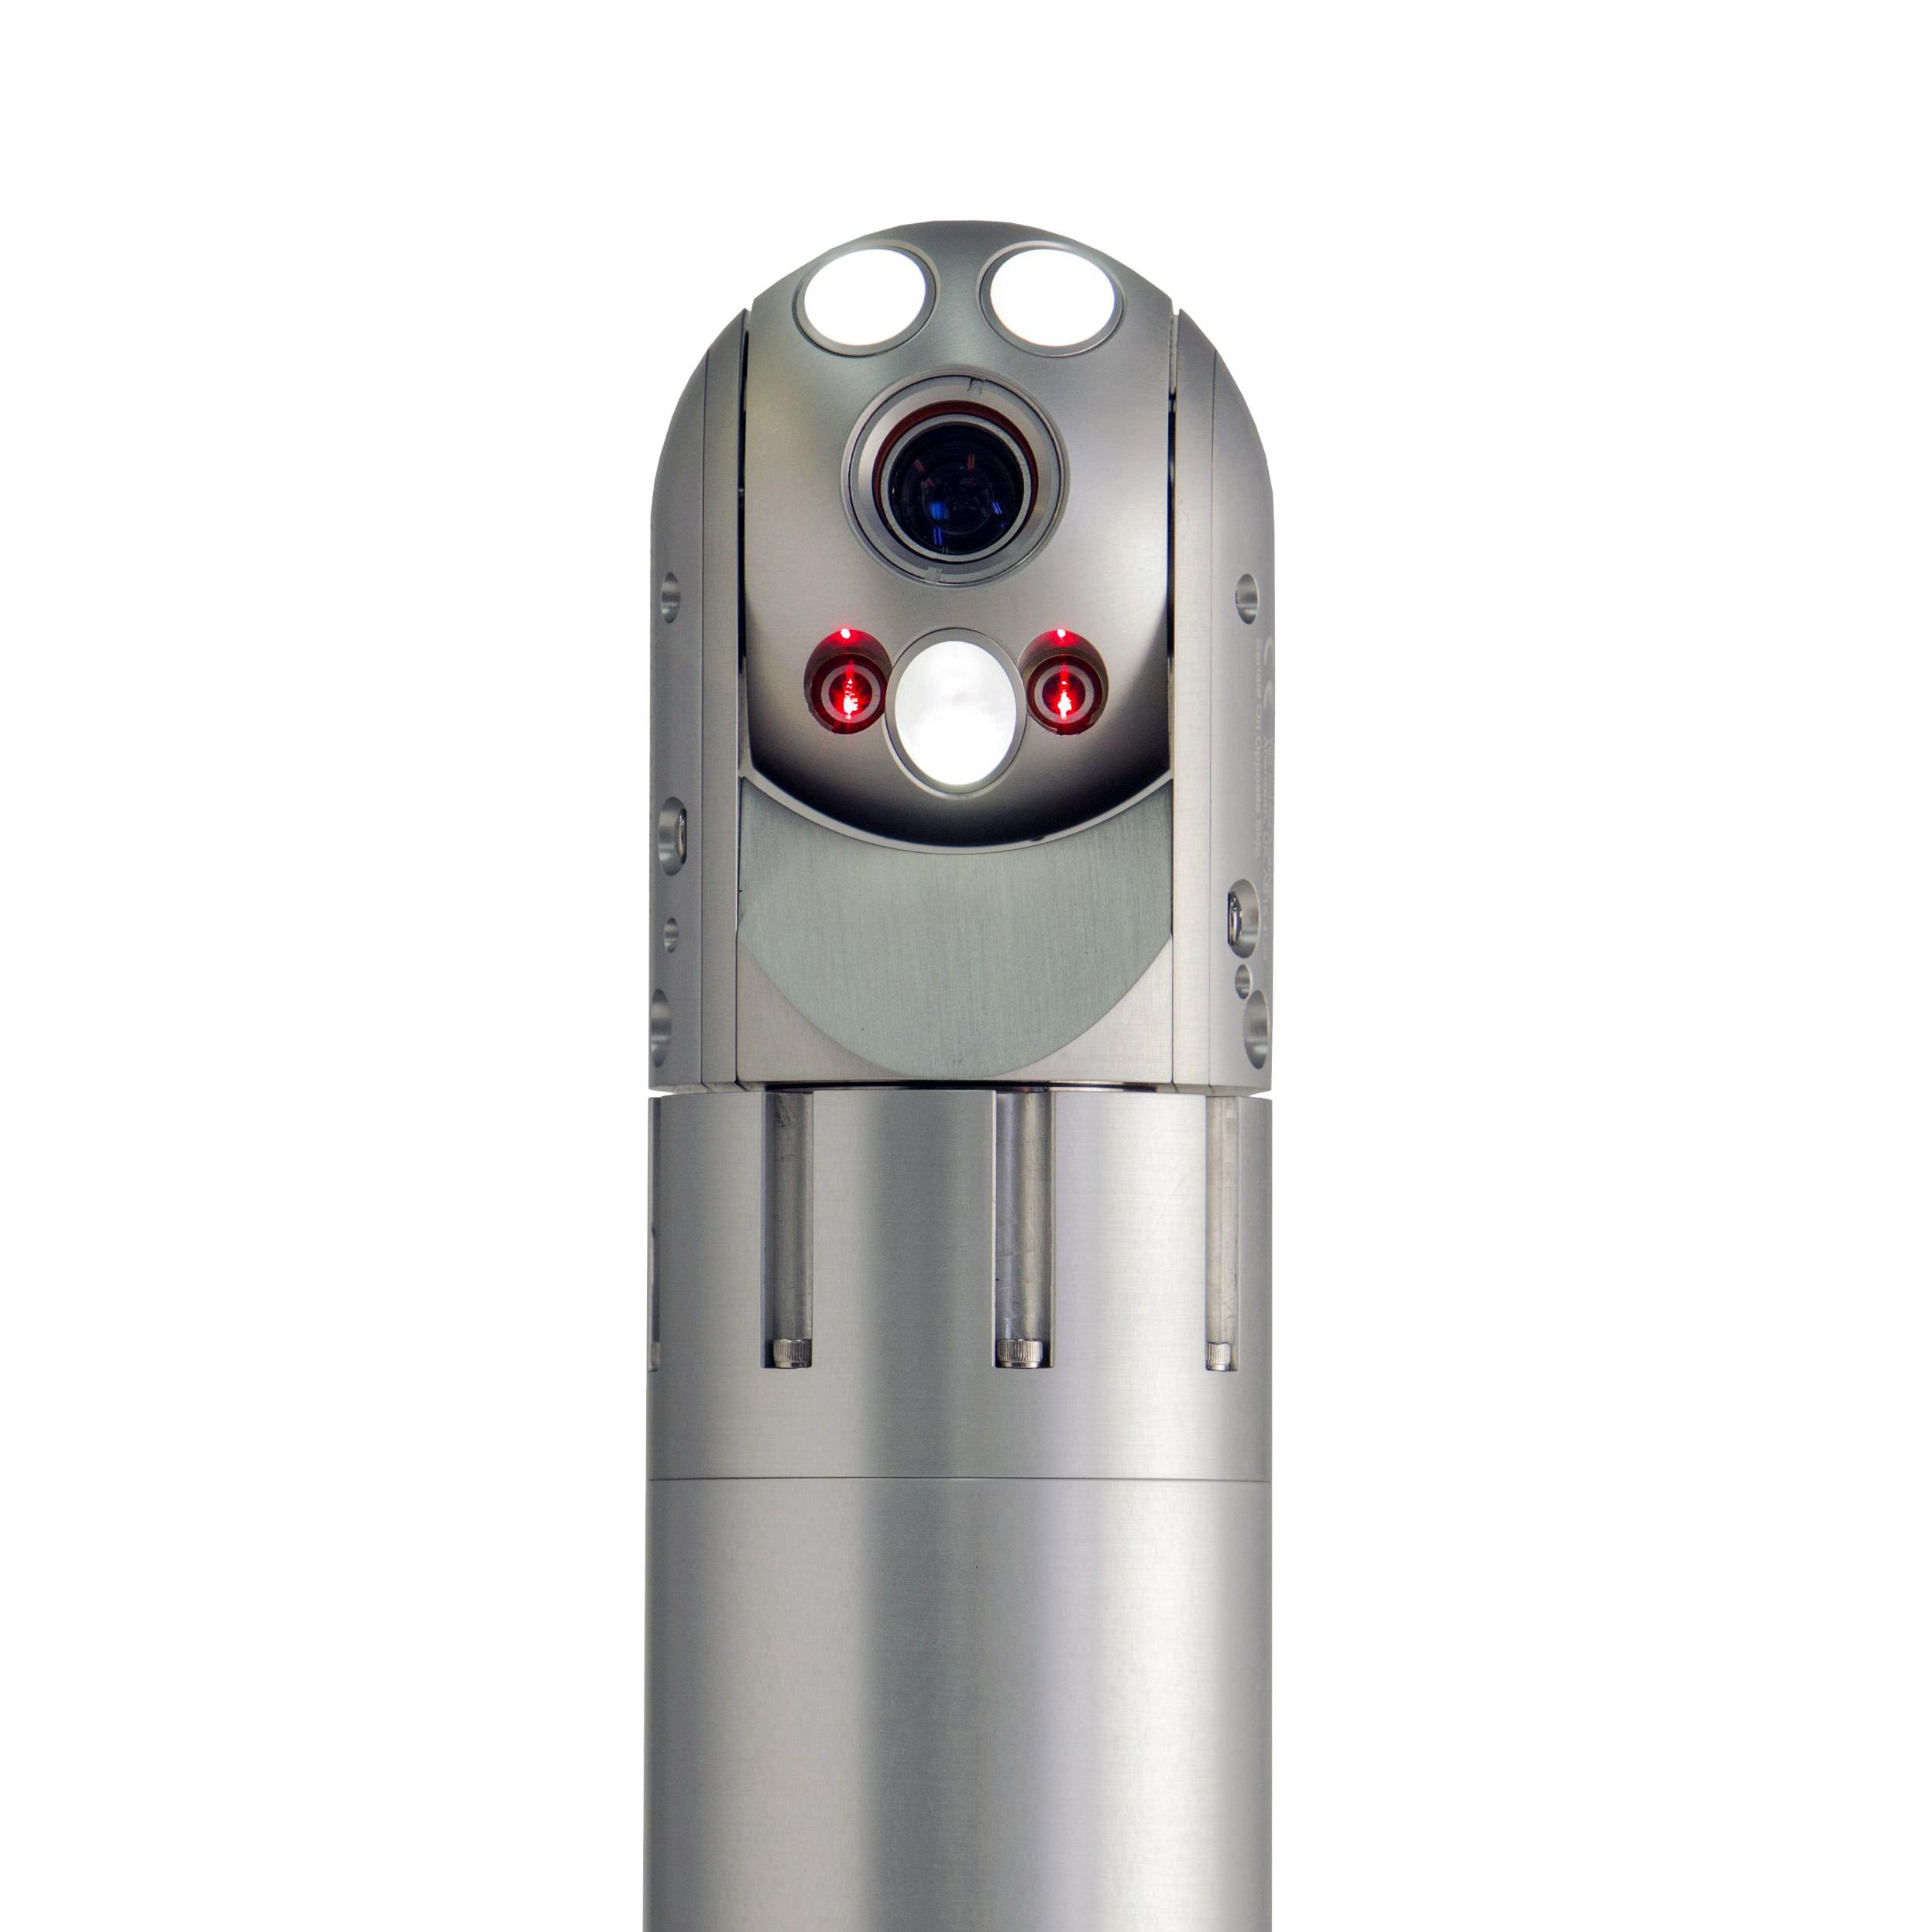 Spectrum 90™ Pan-Tilt-Zoom Camera